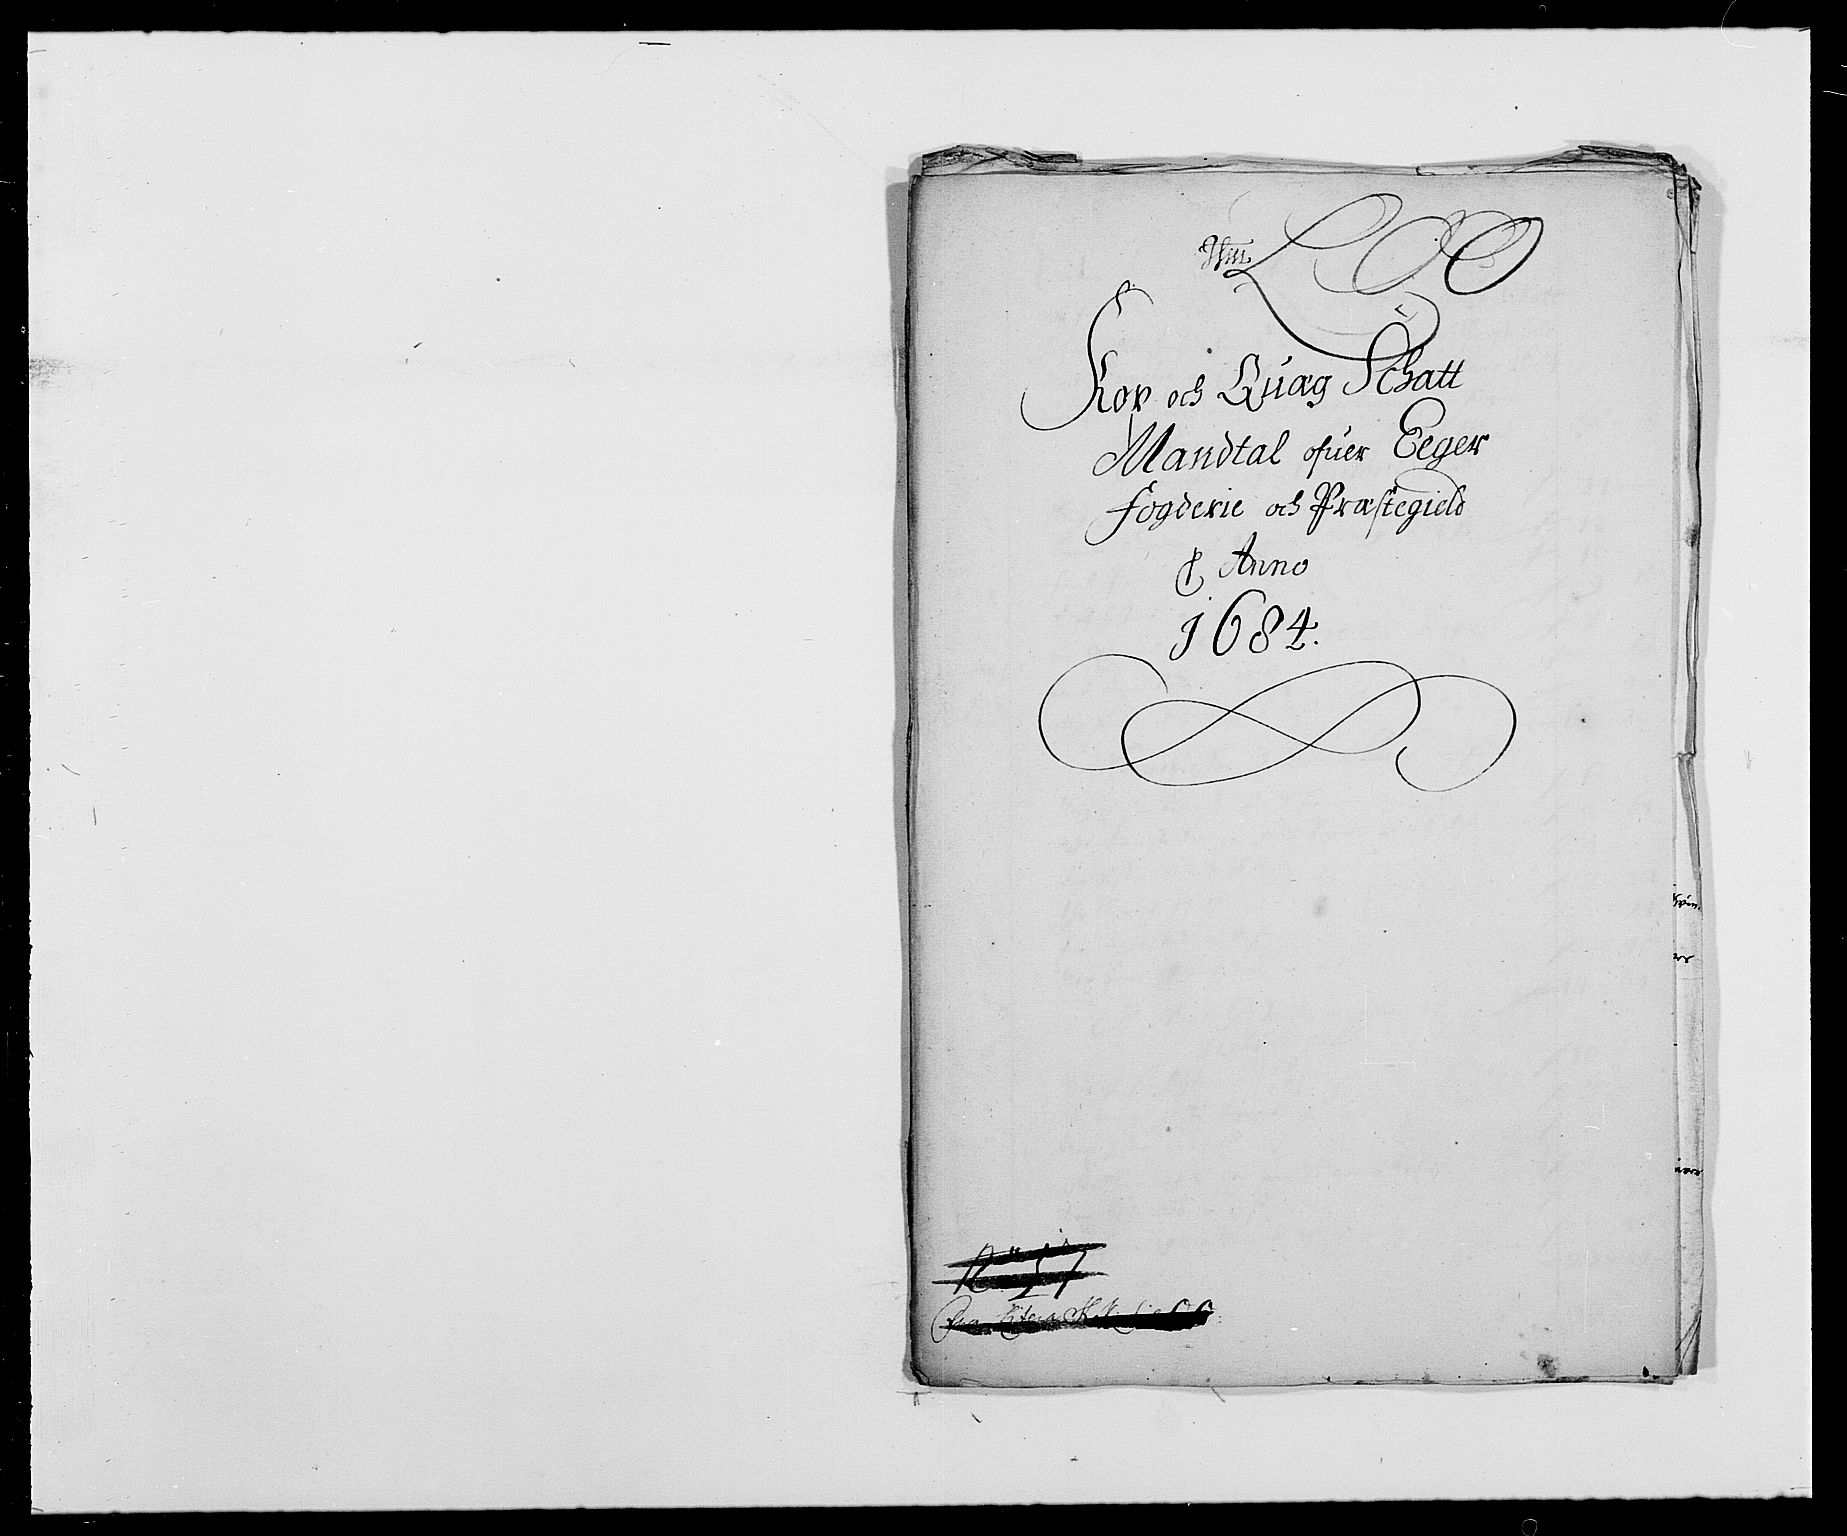 RA, Rentekammeret inntil 1814, Reviderte regnskaper, Fogderegnskap, R26/L1685: Fogderegnskap Eiker, 1679-1686, s. 49